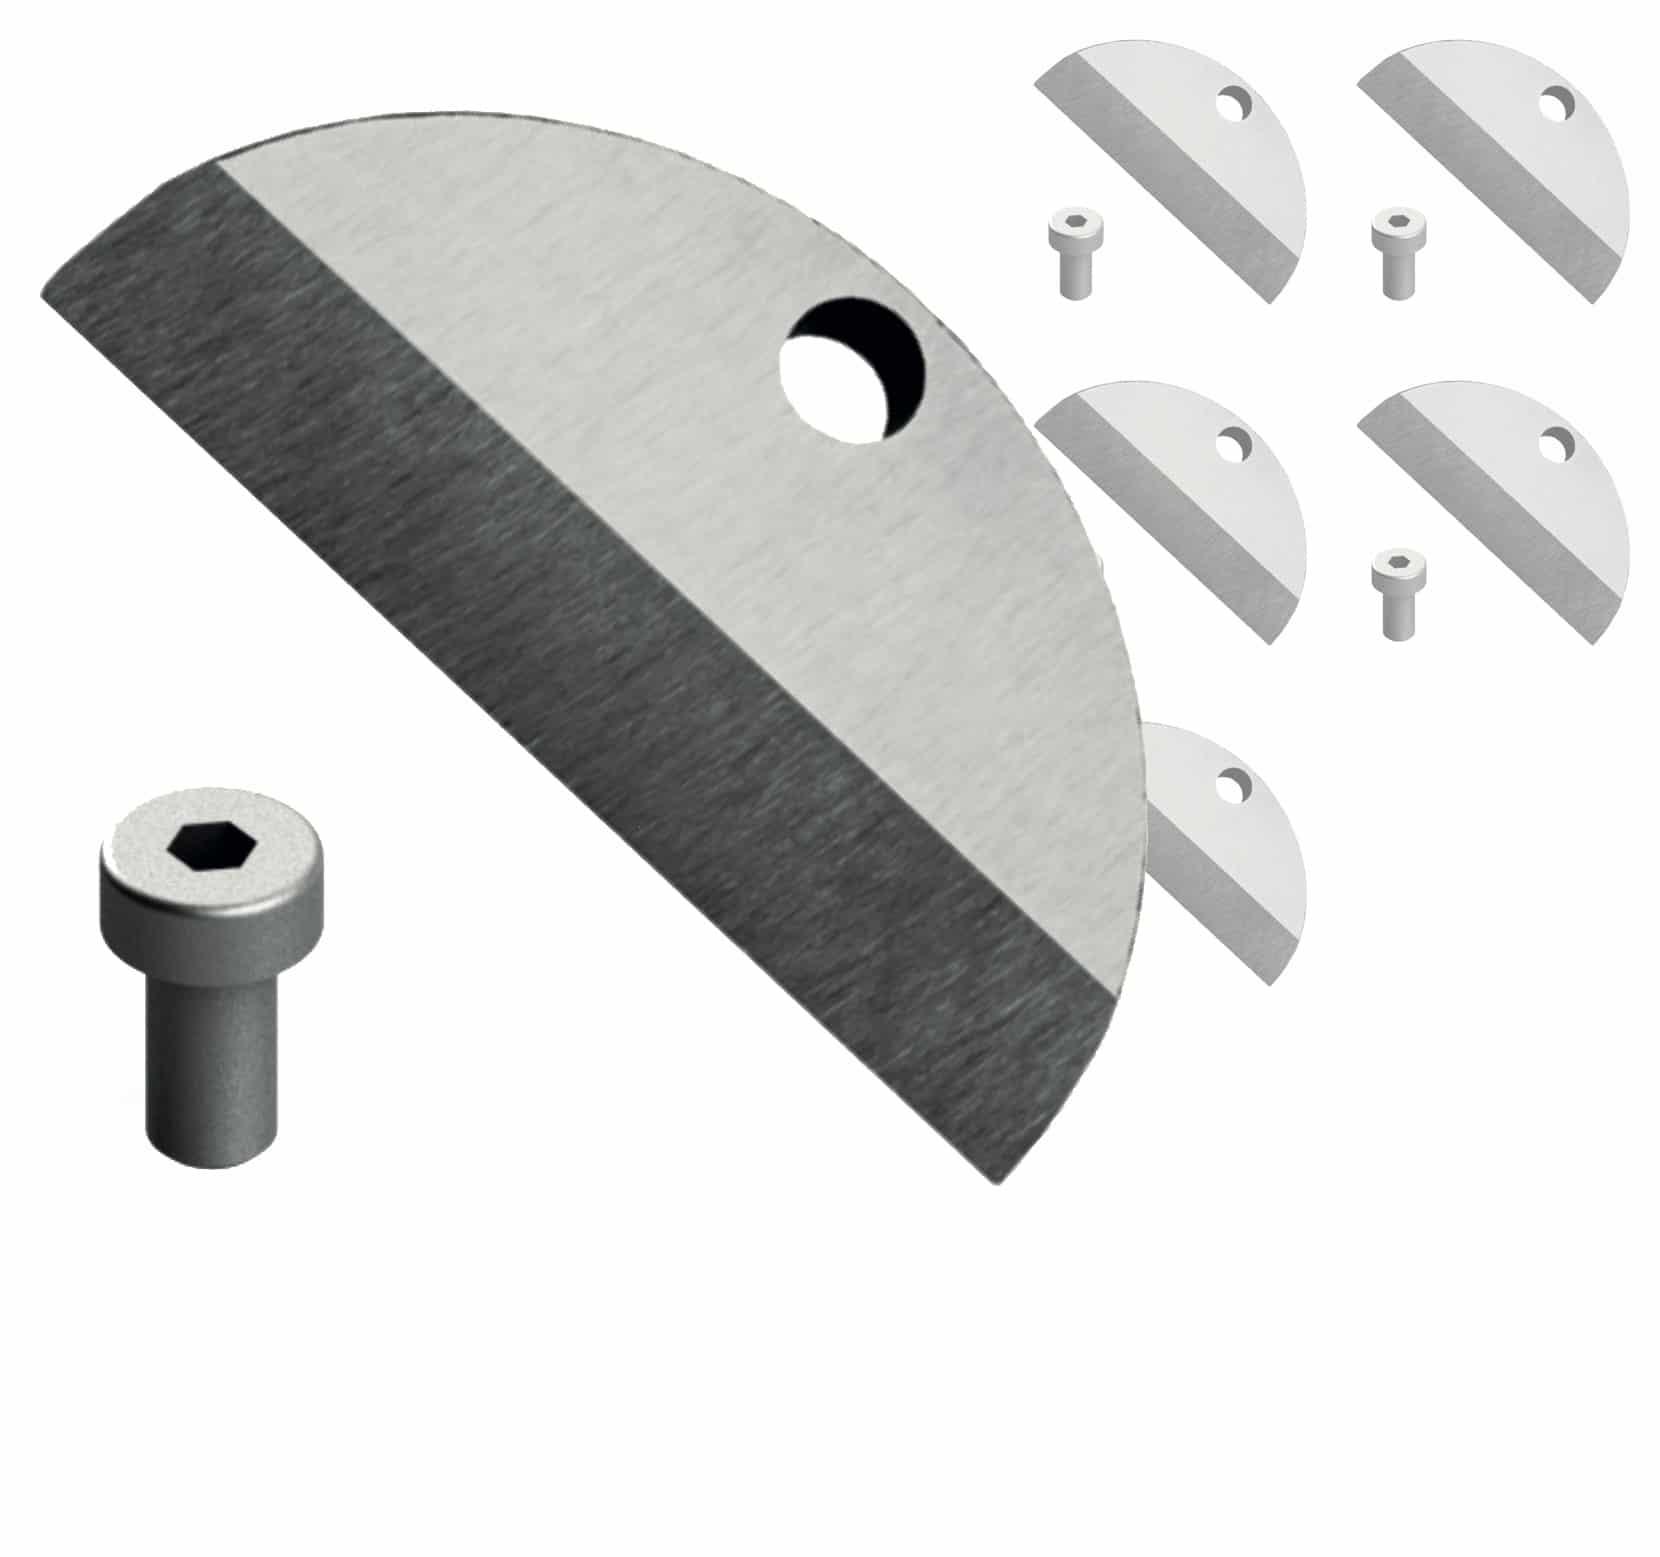 messerklinge-sm-werkzeugstahl-esatz-staufingerring